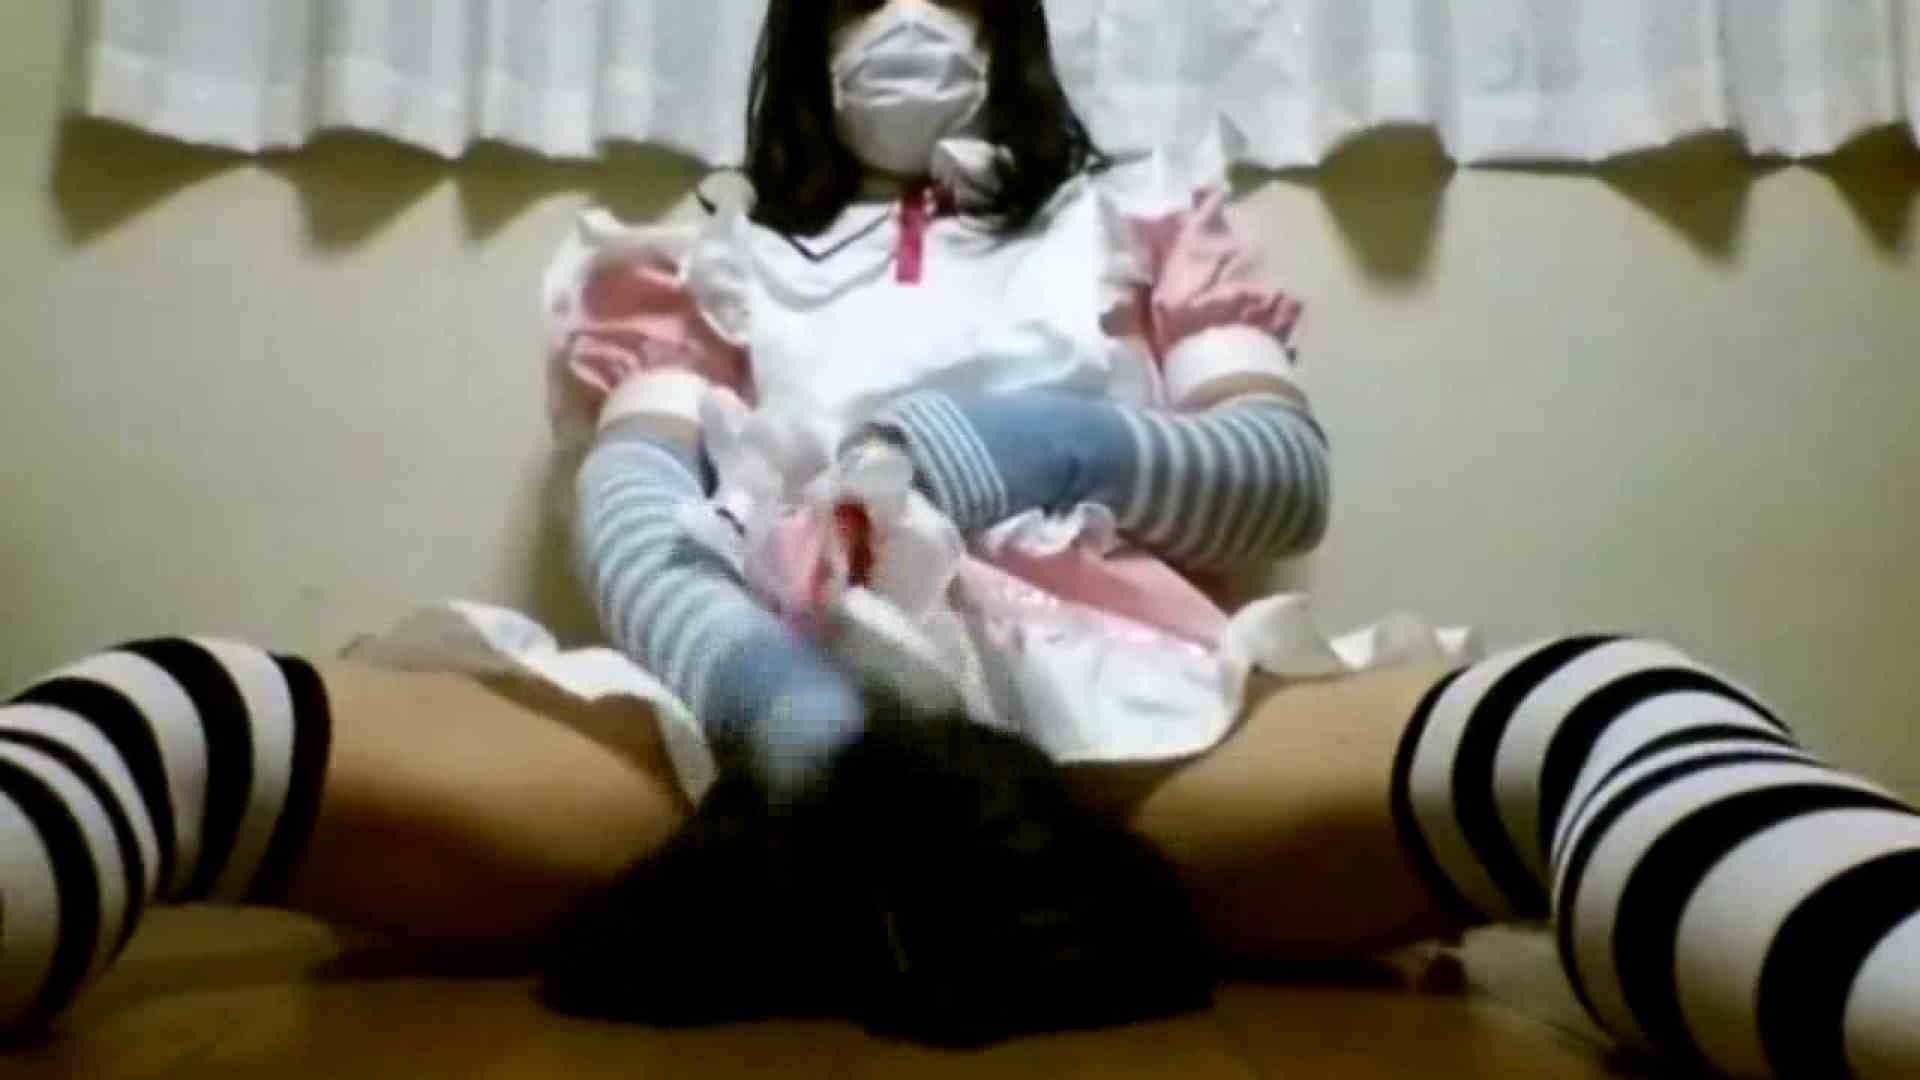 男のKOスプレー!Vol.10 男どうし ゲイ丸見え画像 73pic 63